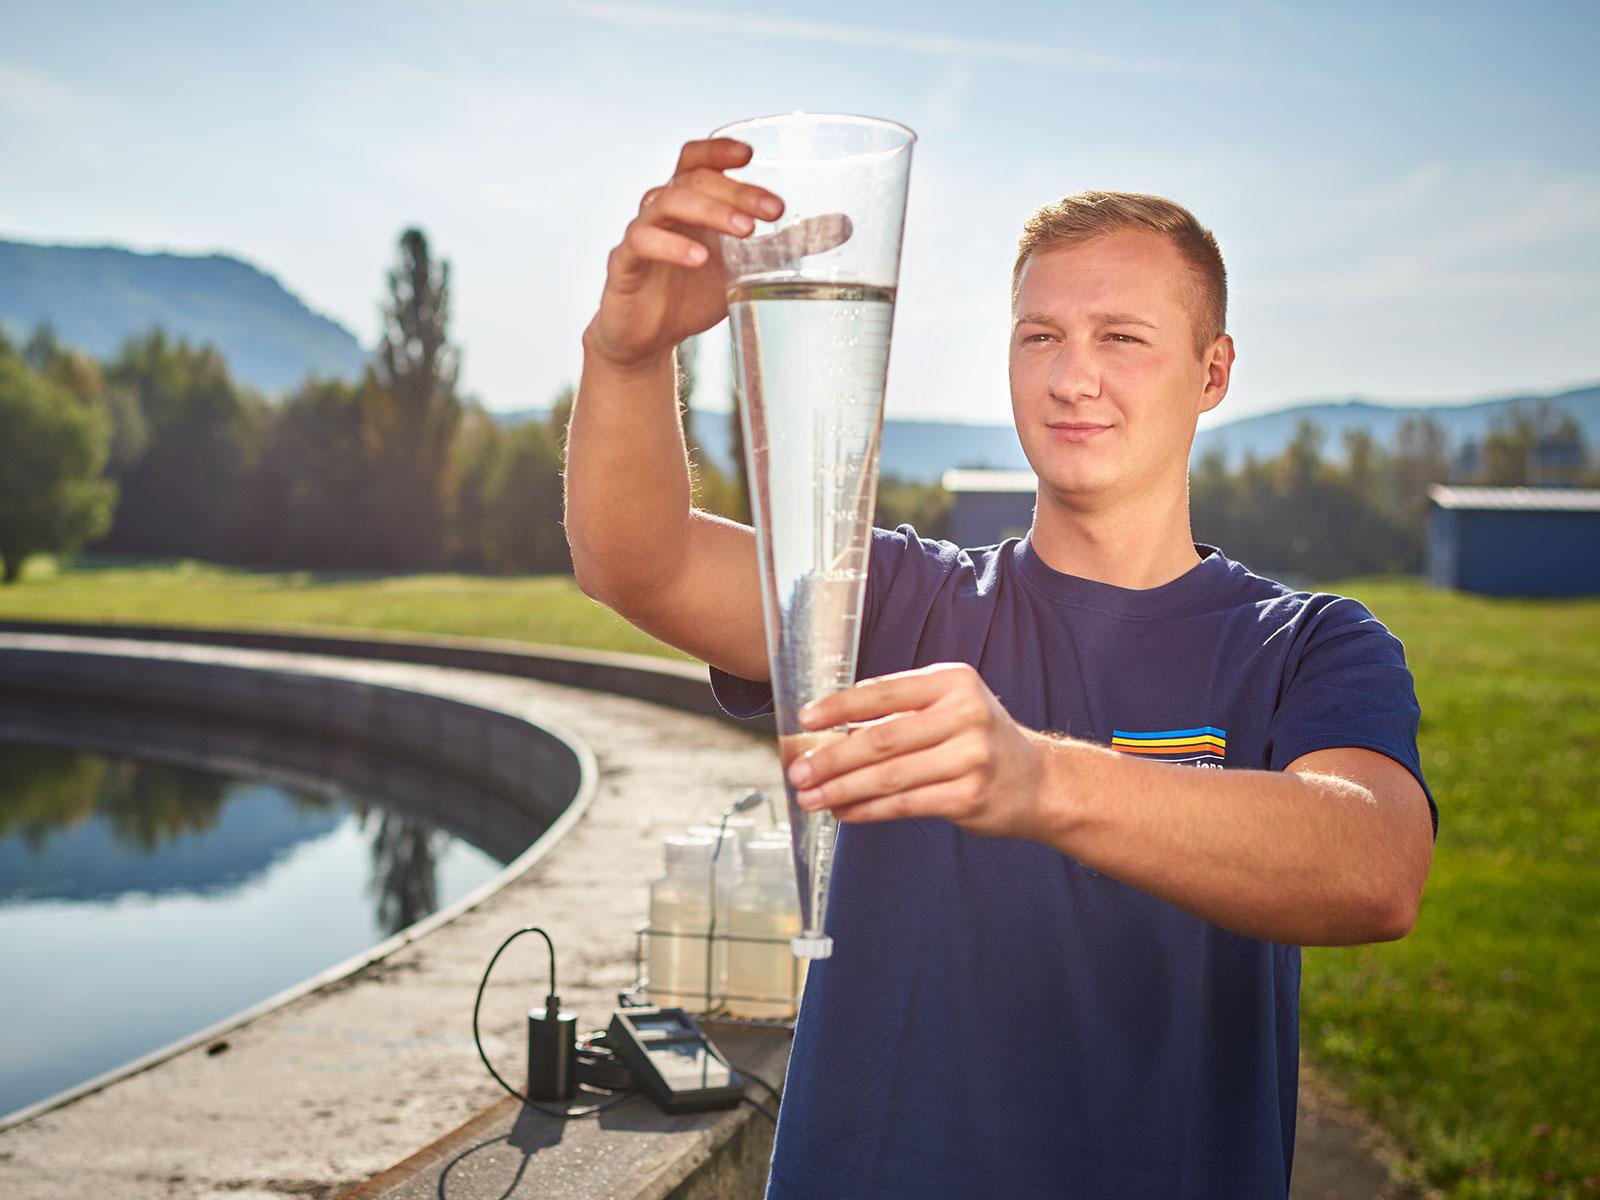 Wasser ist unser Auftrag: Ihn erfüllen wir mit motivierten Mitarbeitern und moderner Technik.